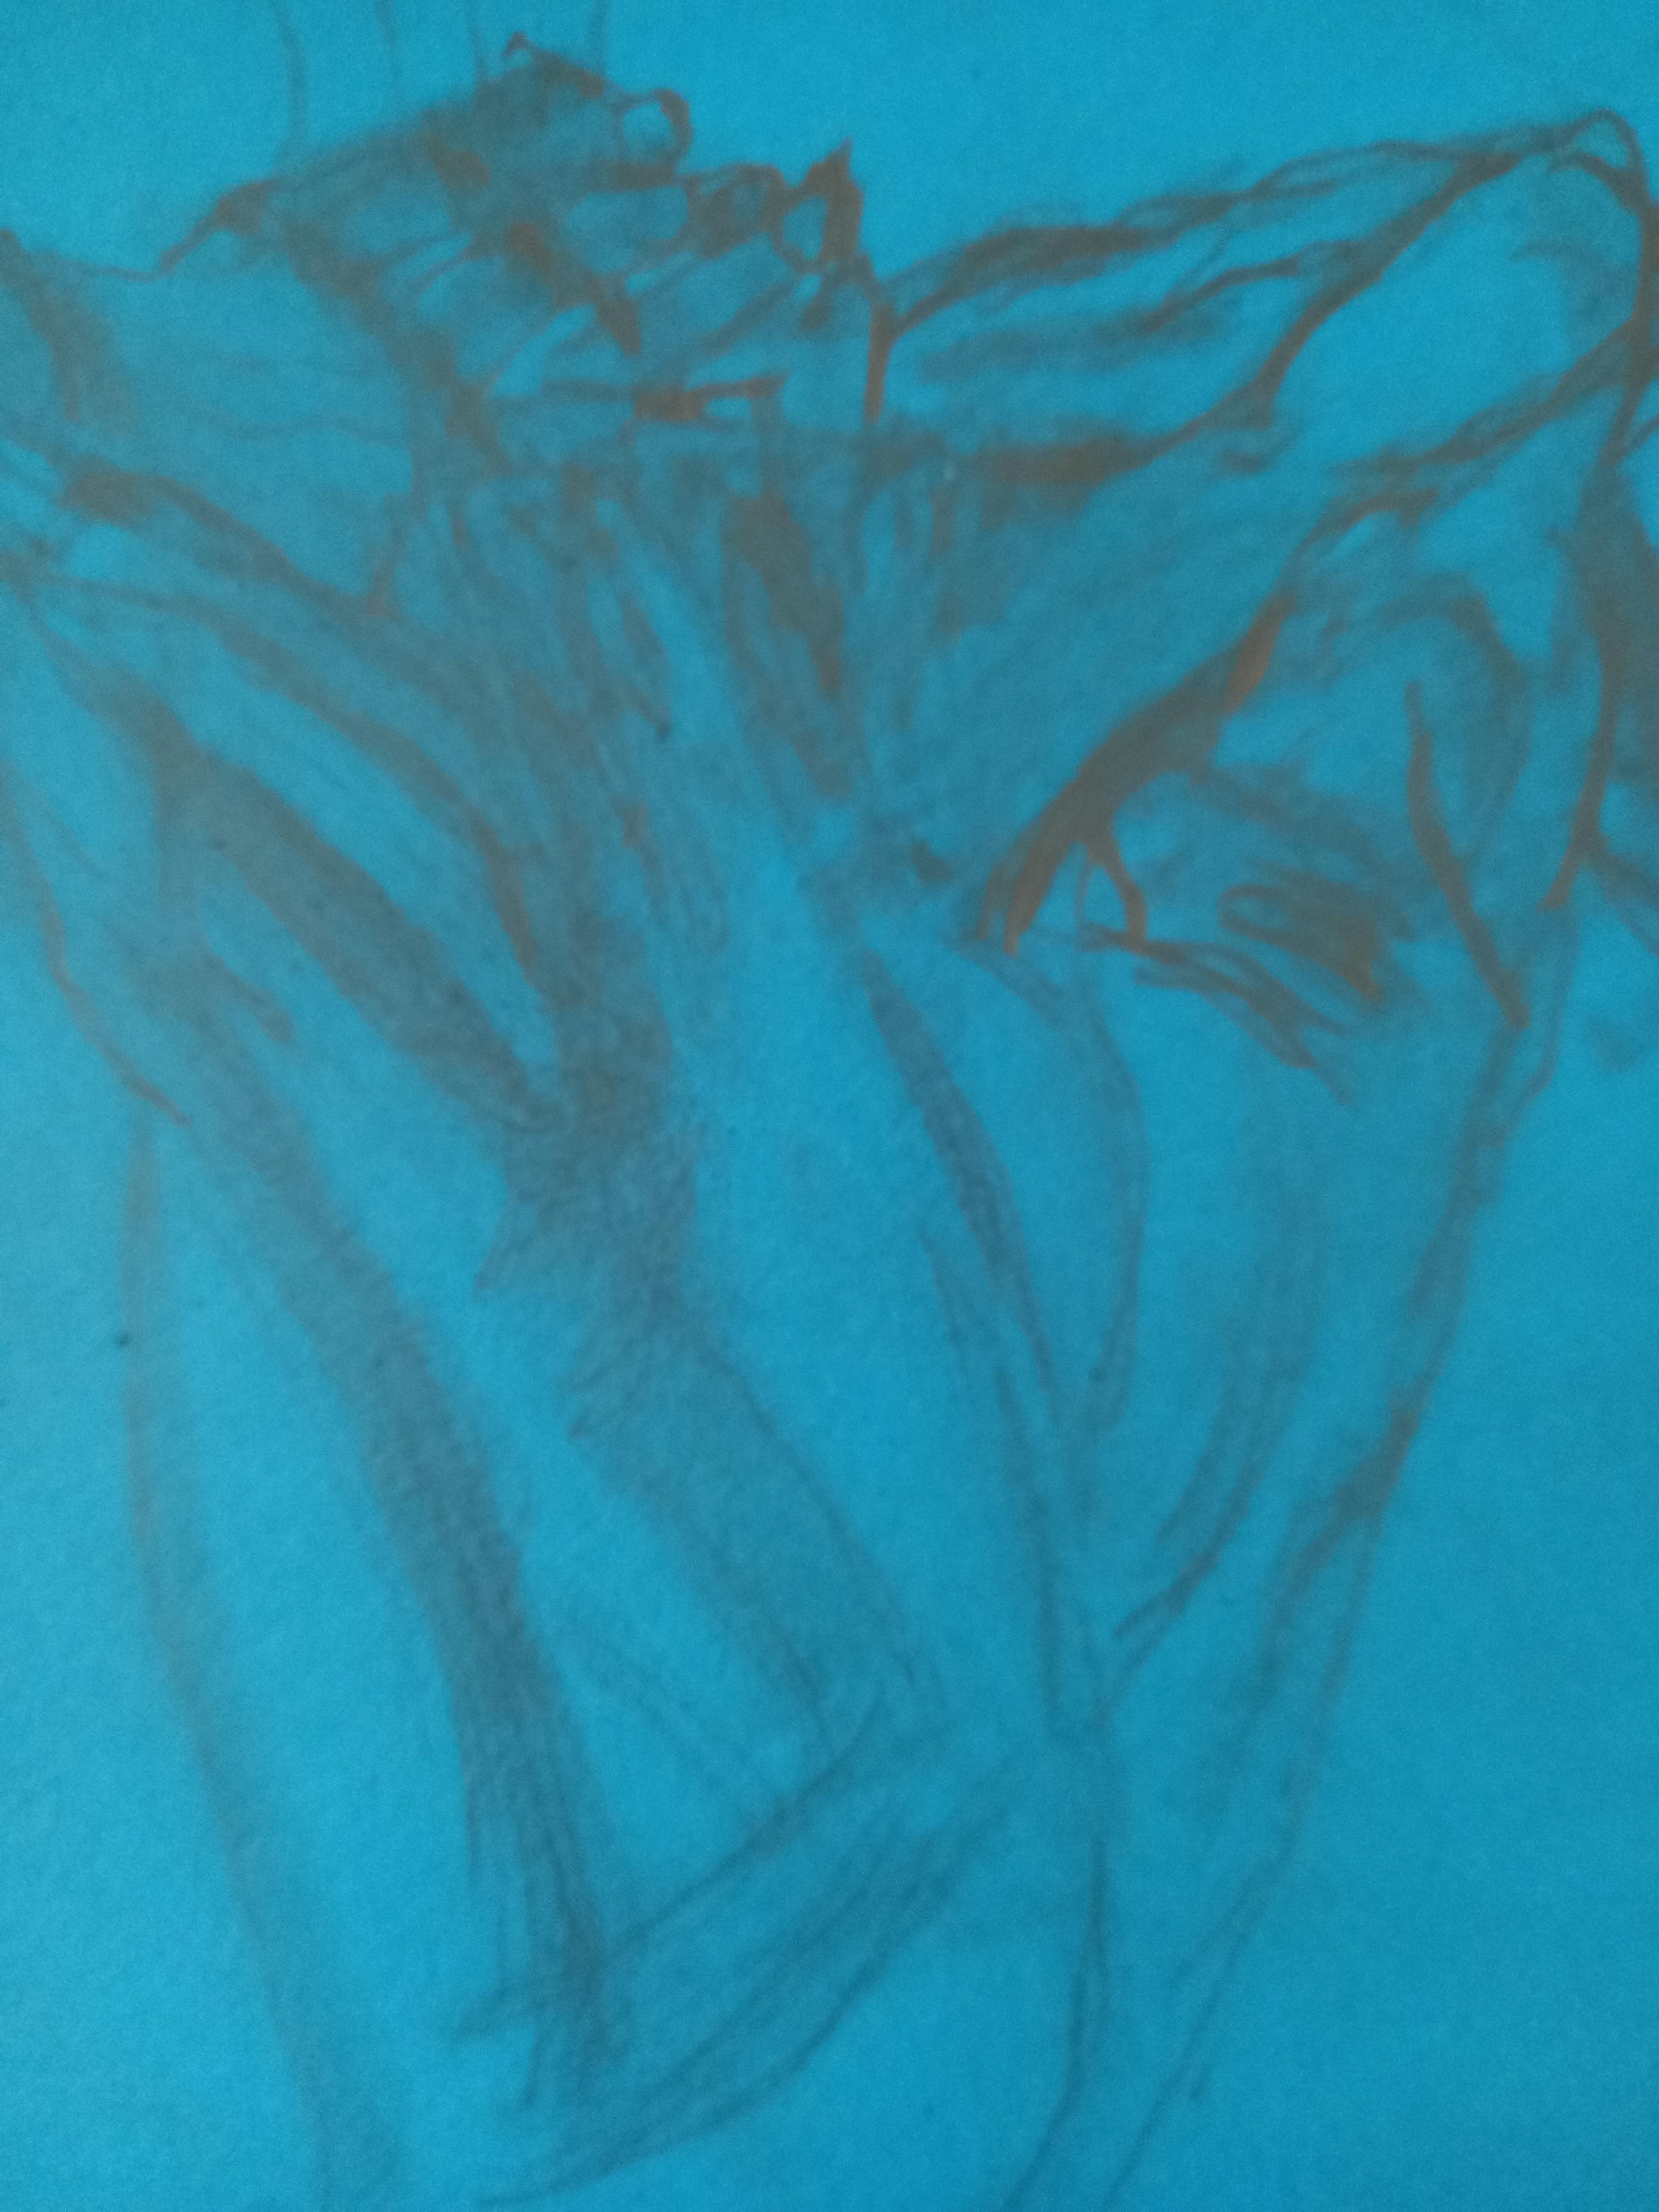 Esquisse étude dos homme pastel sur fond Canson bleu  cours de dessin